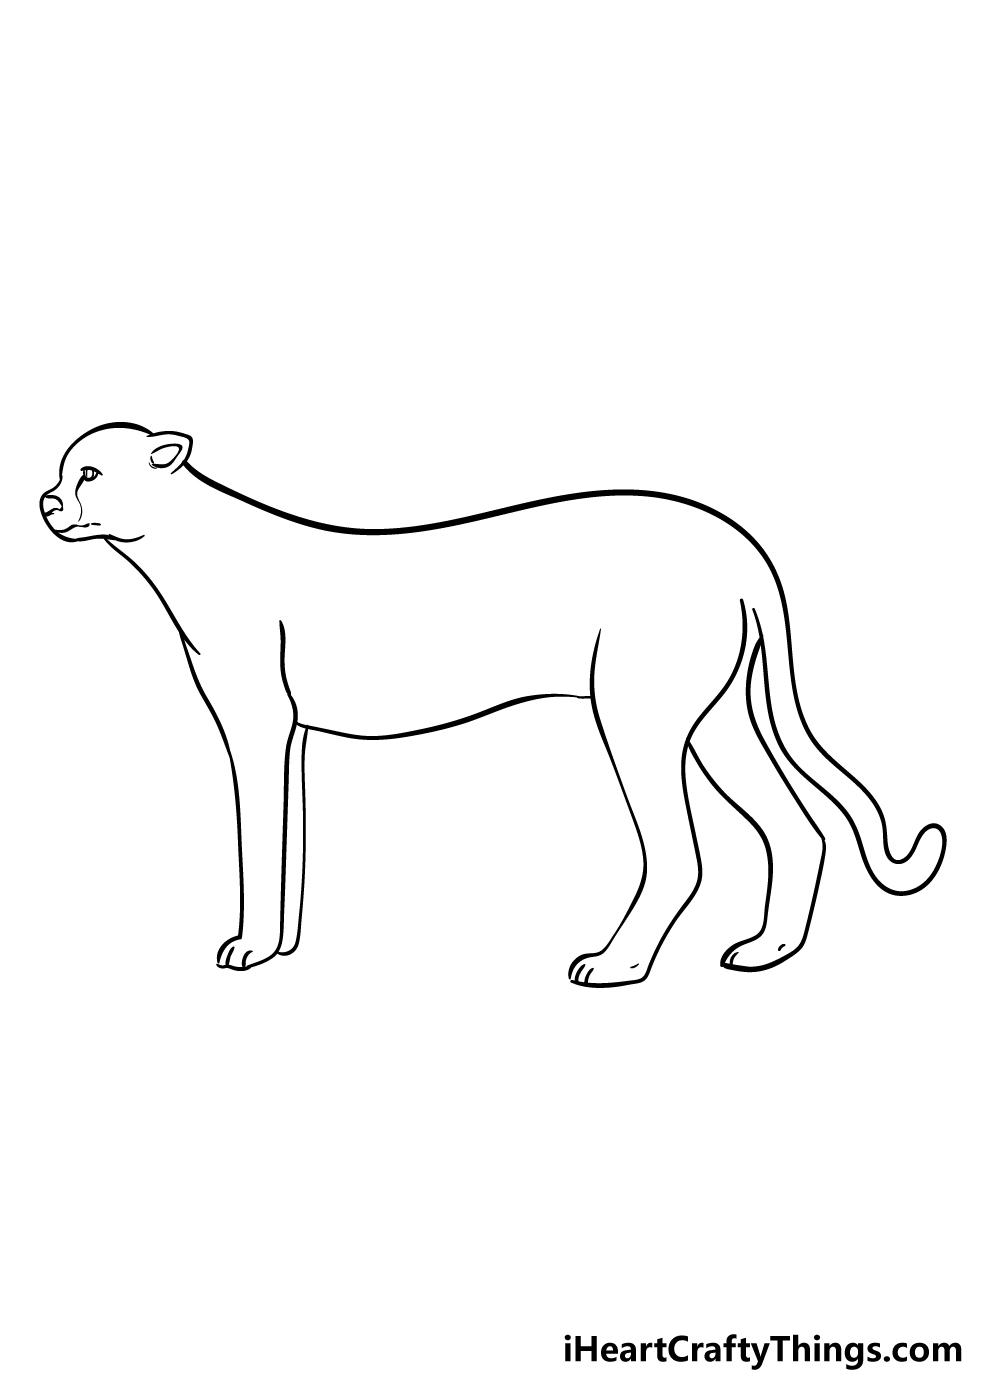 cheetah drawing step 7